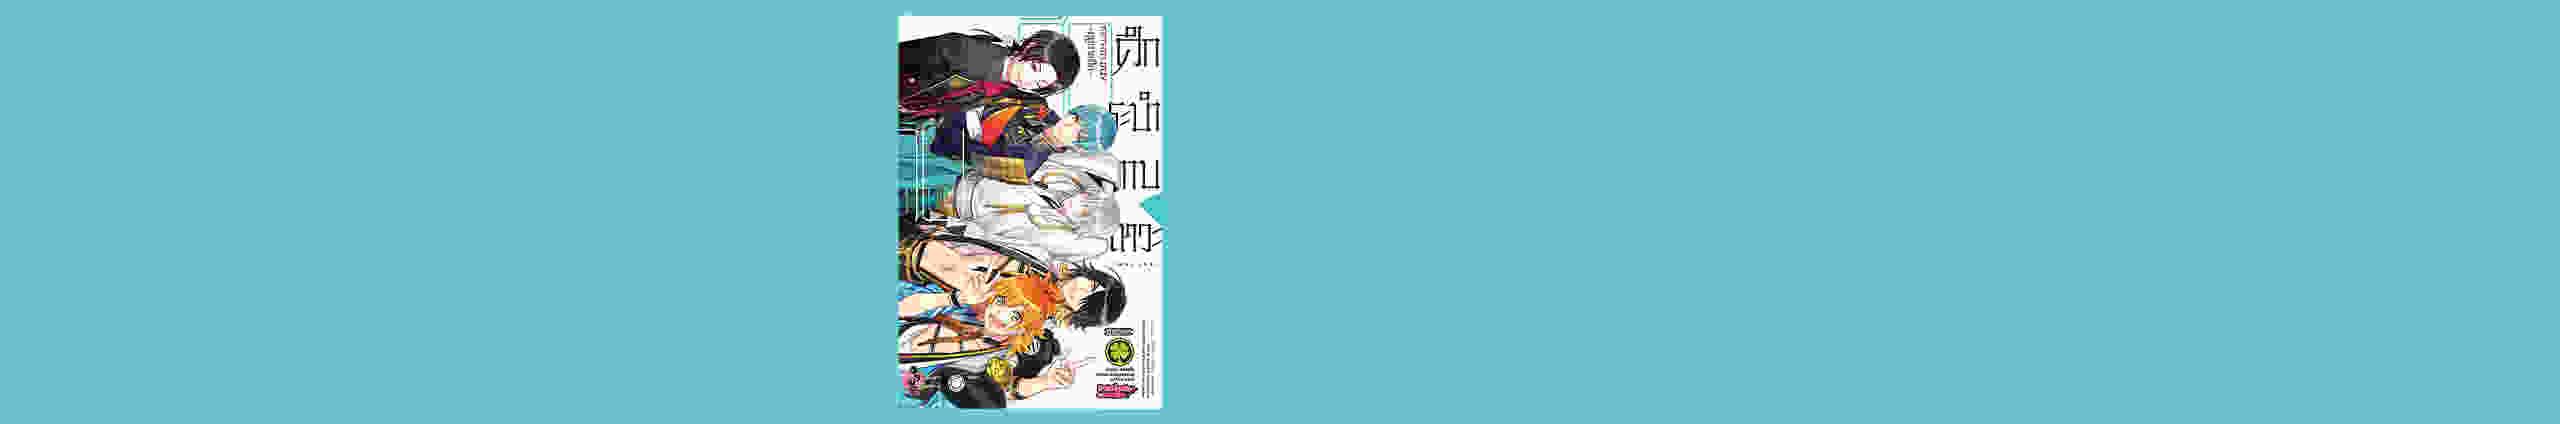 ศึกระบำดาบเทวะ -ONLINE- Anthology (ฤดูการศึก)